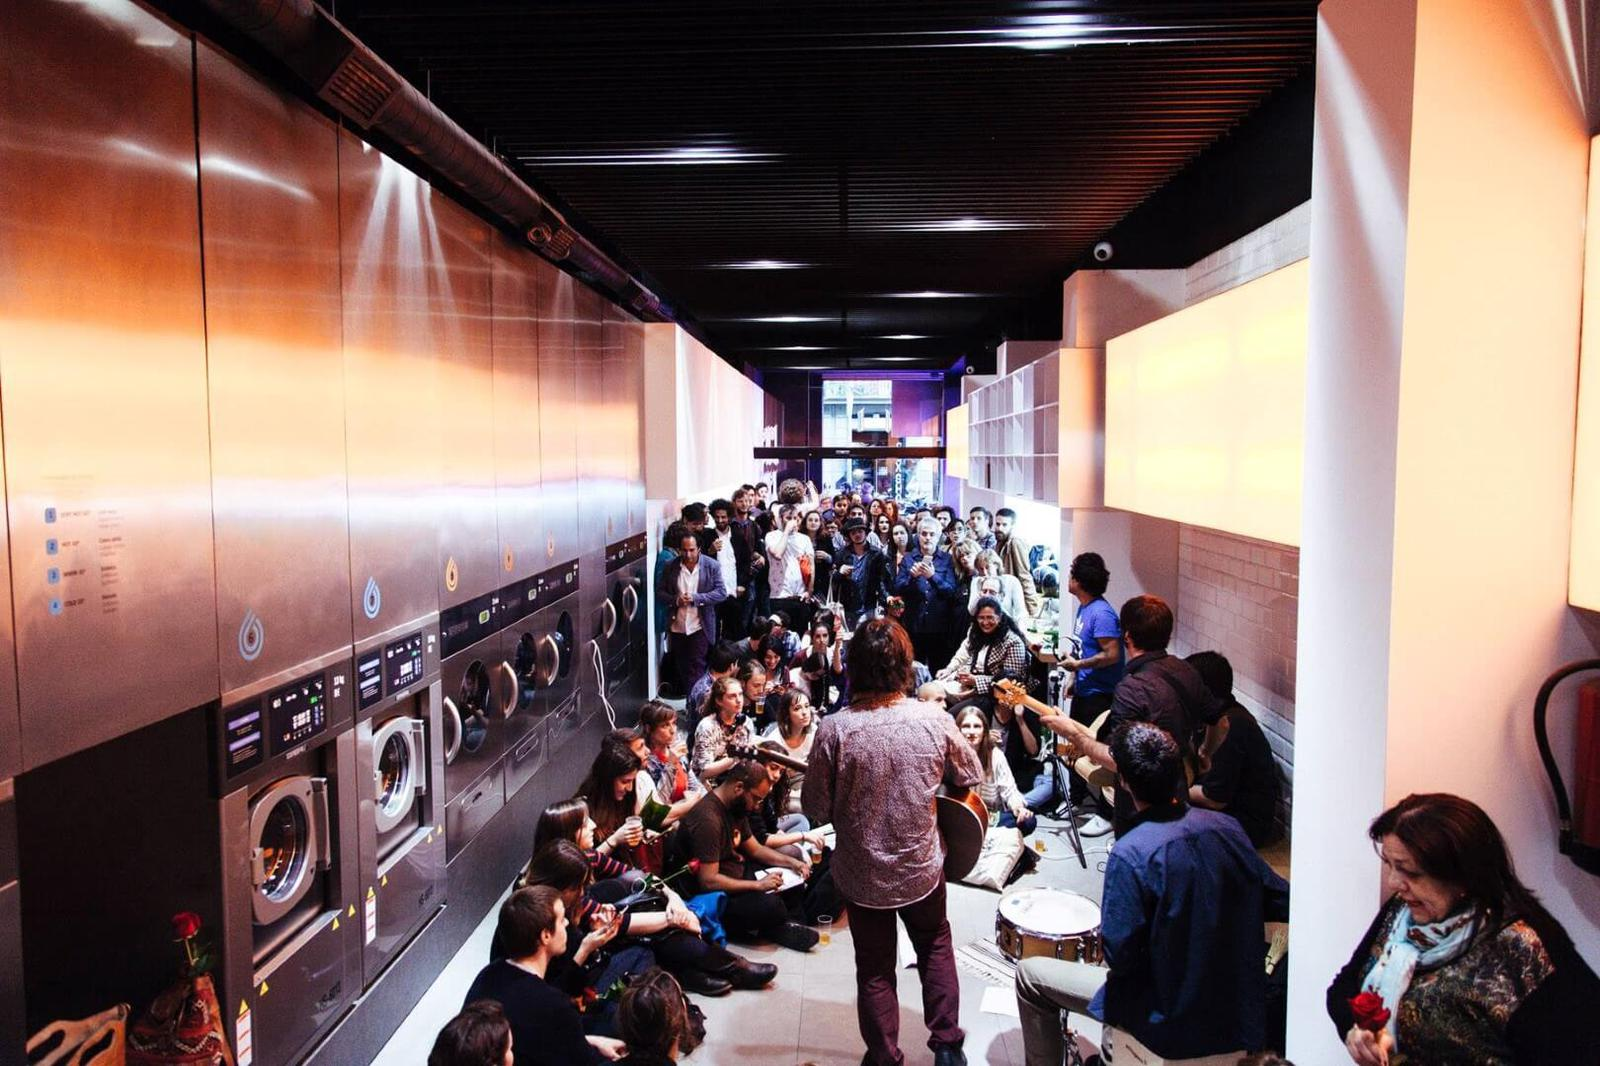 ¿Lavanderías con conciertos y degustación de gintonics? Es posible en Splashlaundry Barcelona.